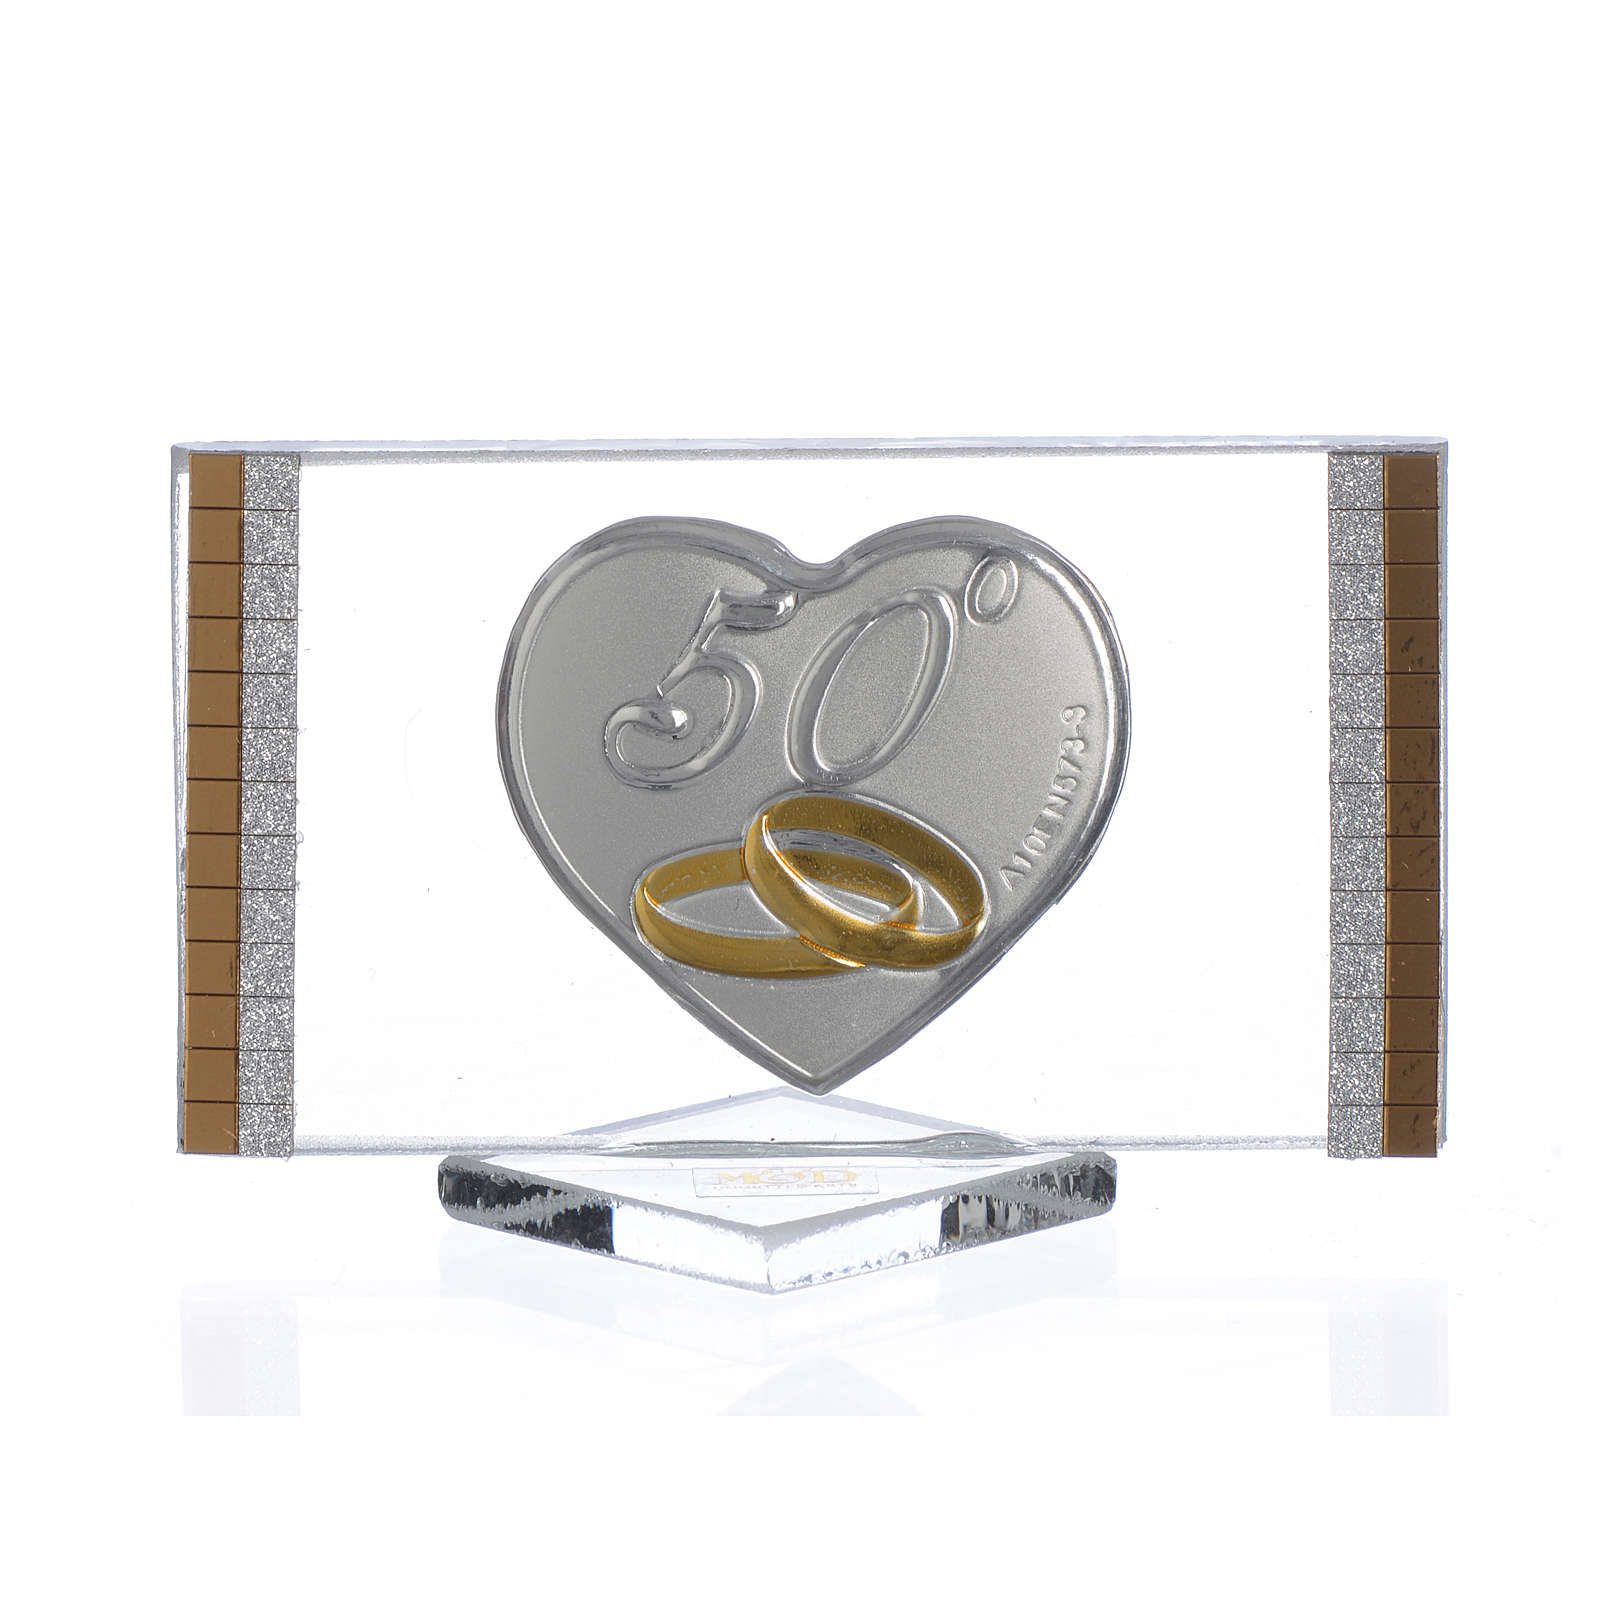 Recuerdo Aniversario de Bodas 50 Años Cuadro plata 4,5 x 7 cm 3